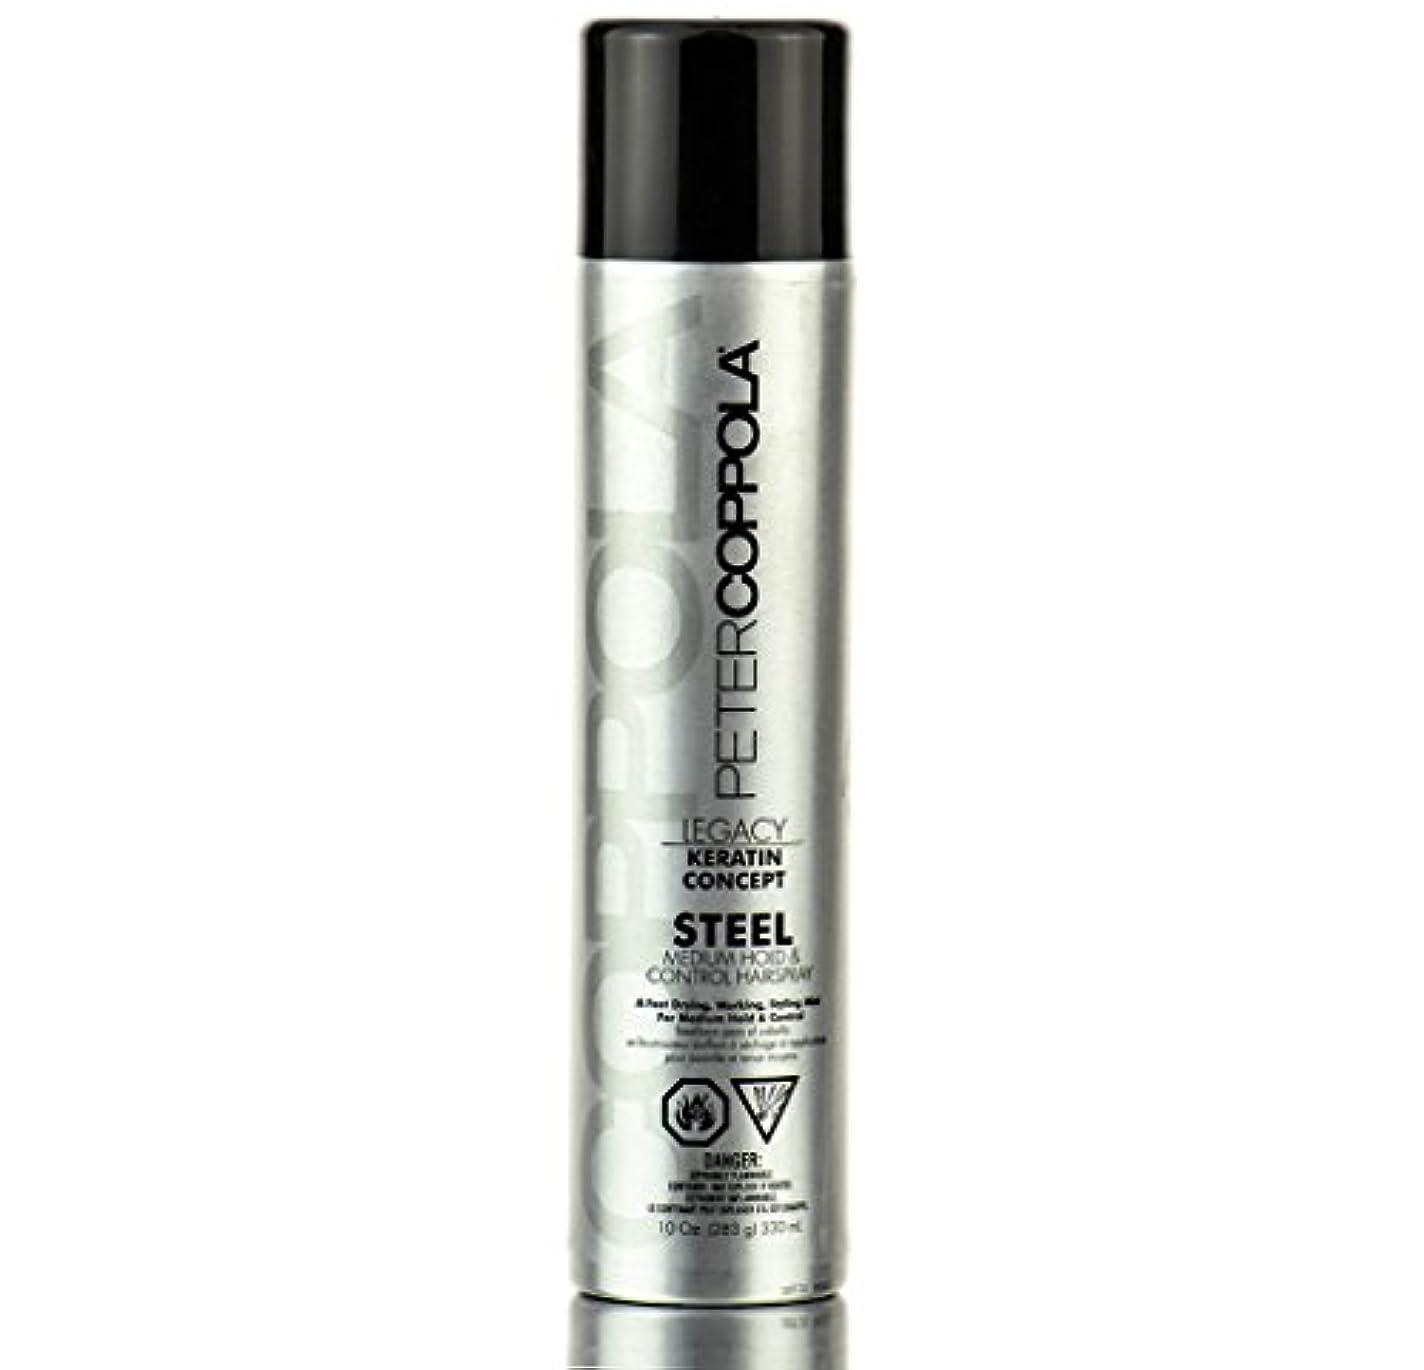 バルーンちなみに上げるPeter Coppola スチールヘアスプレー - 軽量、ミディアムホールド、柔軟なホールドは、スタイリングヘアボリューム&スタイリングのすべての髪のタイプを追加するための10オンスミディアムシャインスプレー medium_hold